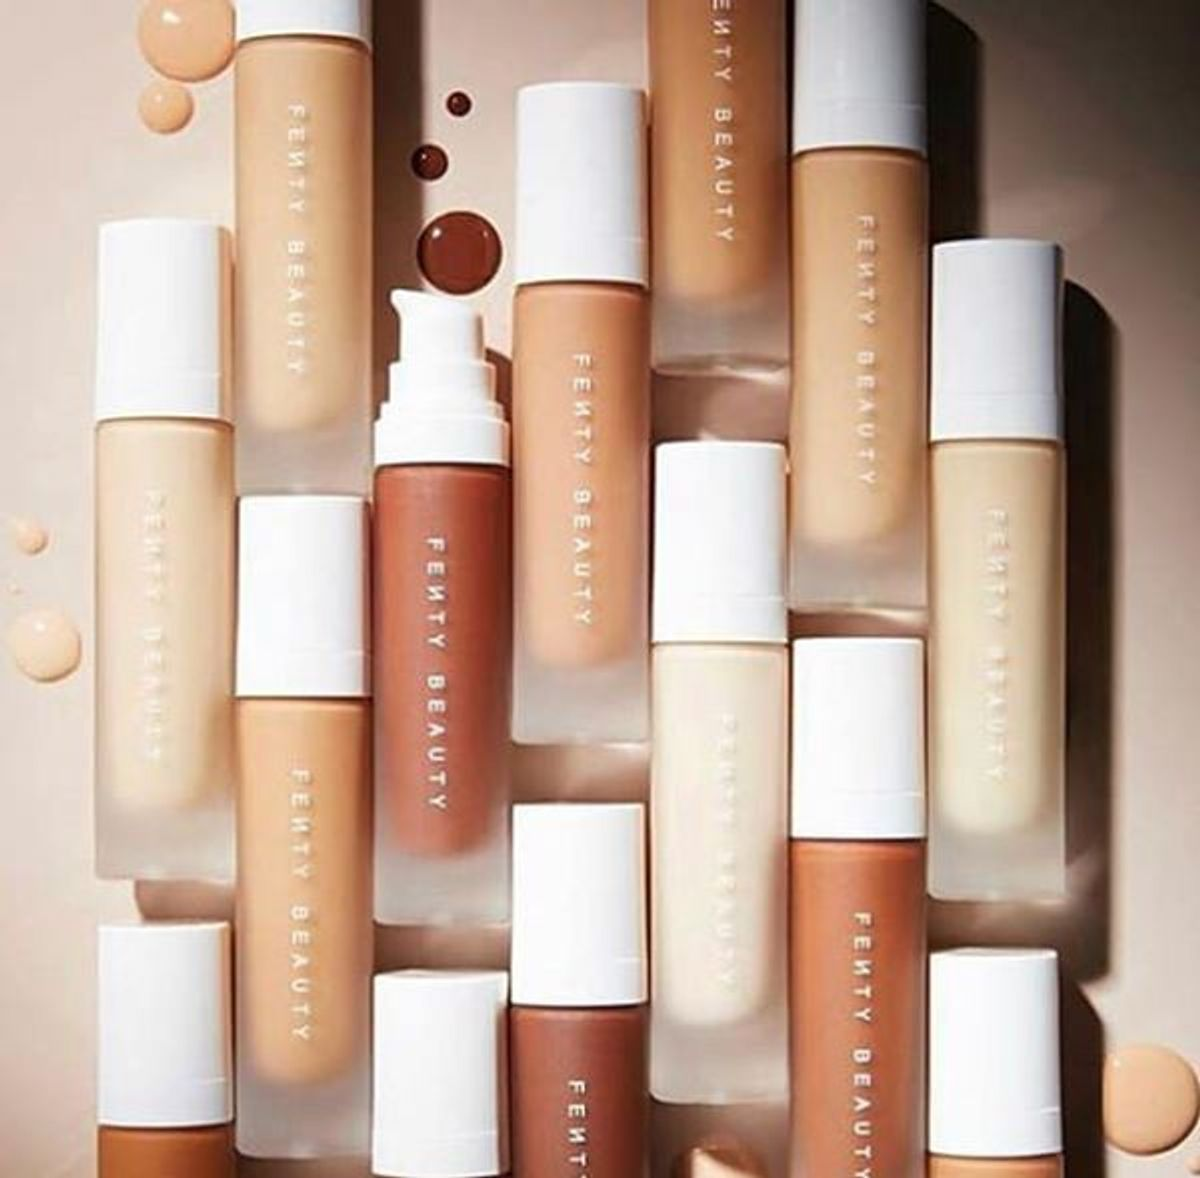 Base Fenty Beauty By Rihanna Importada Maquiagem Feminina Fenty Beauty Nunca Usado 31528006 Enjoei